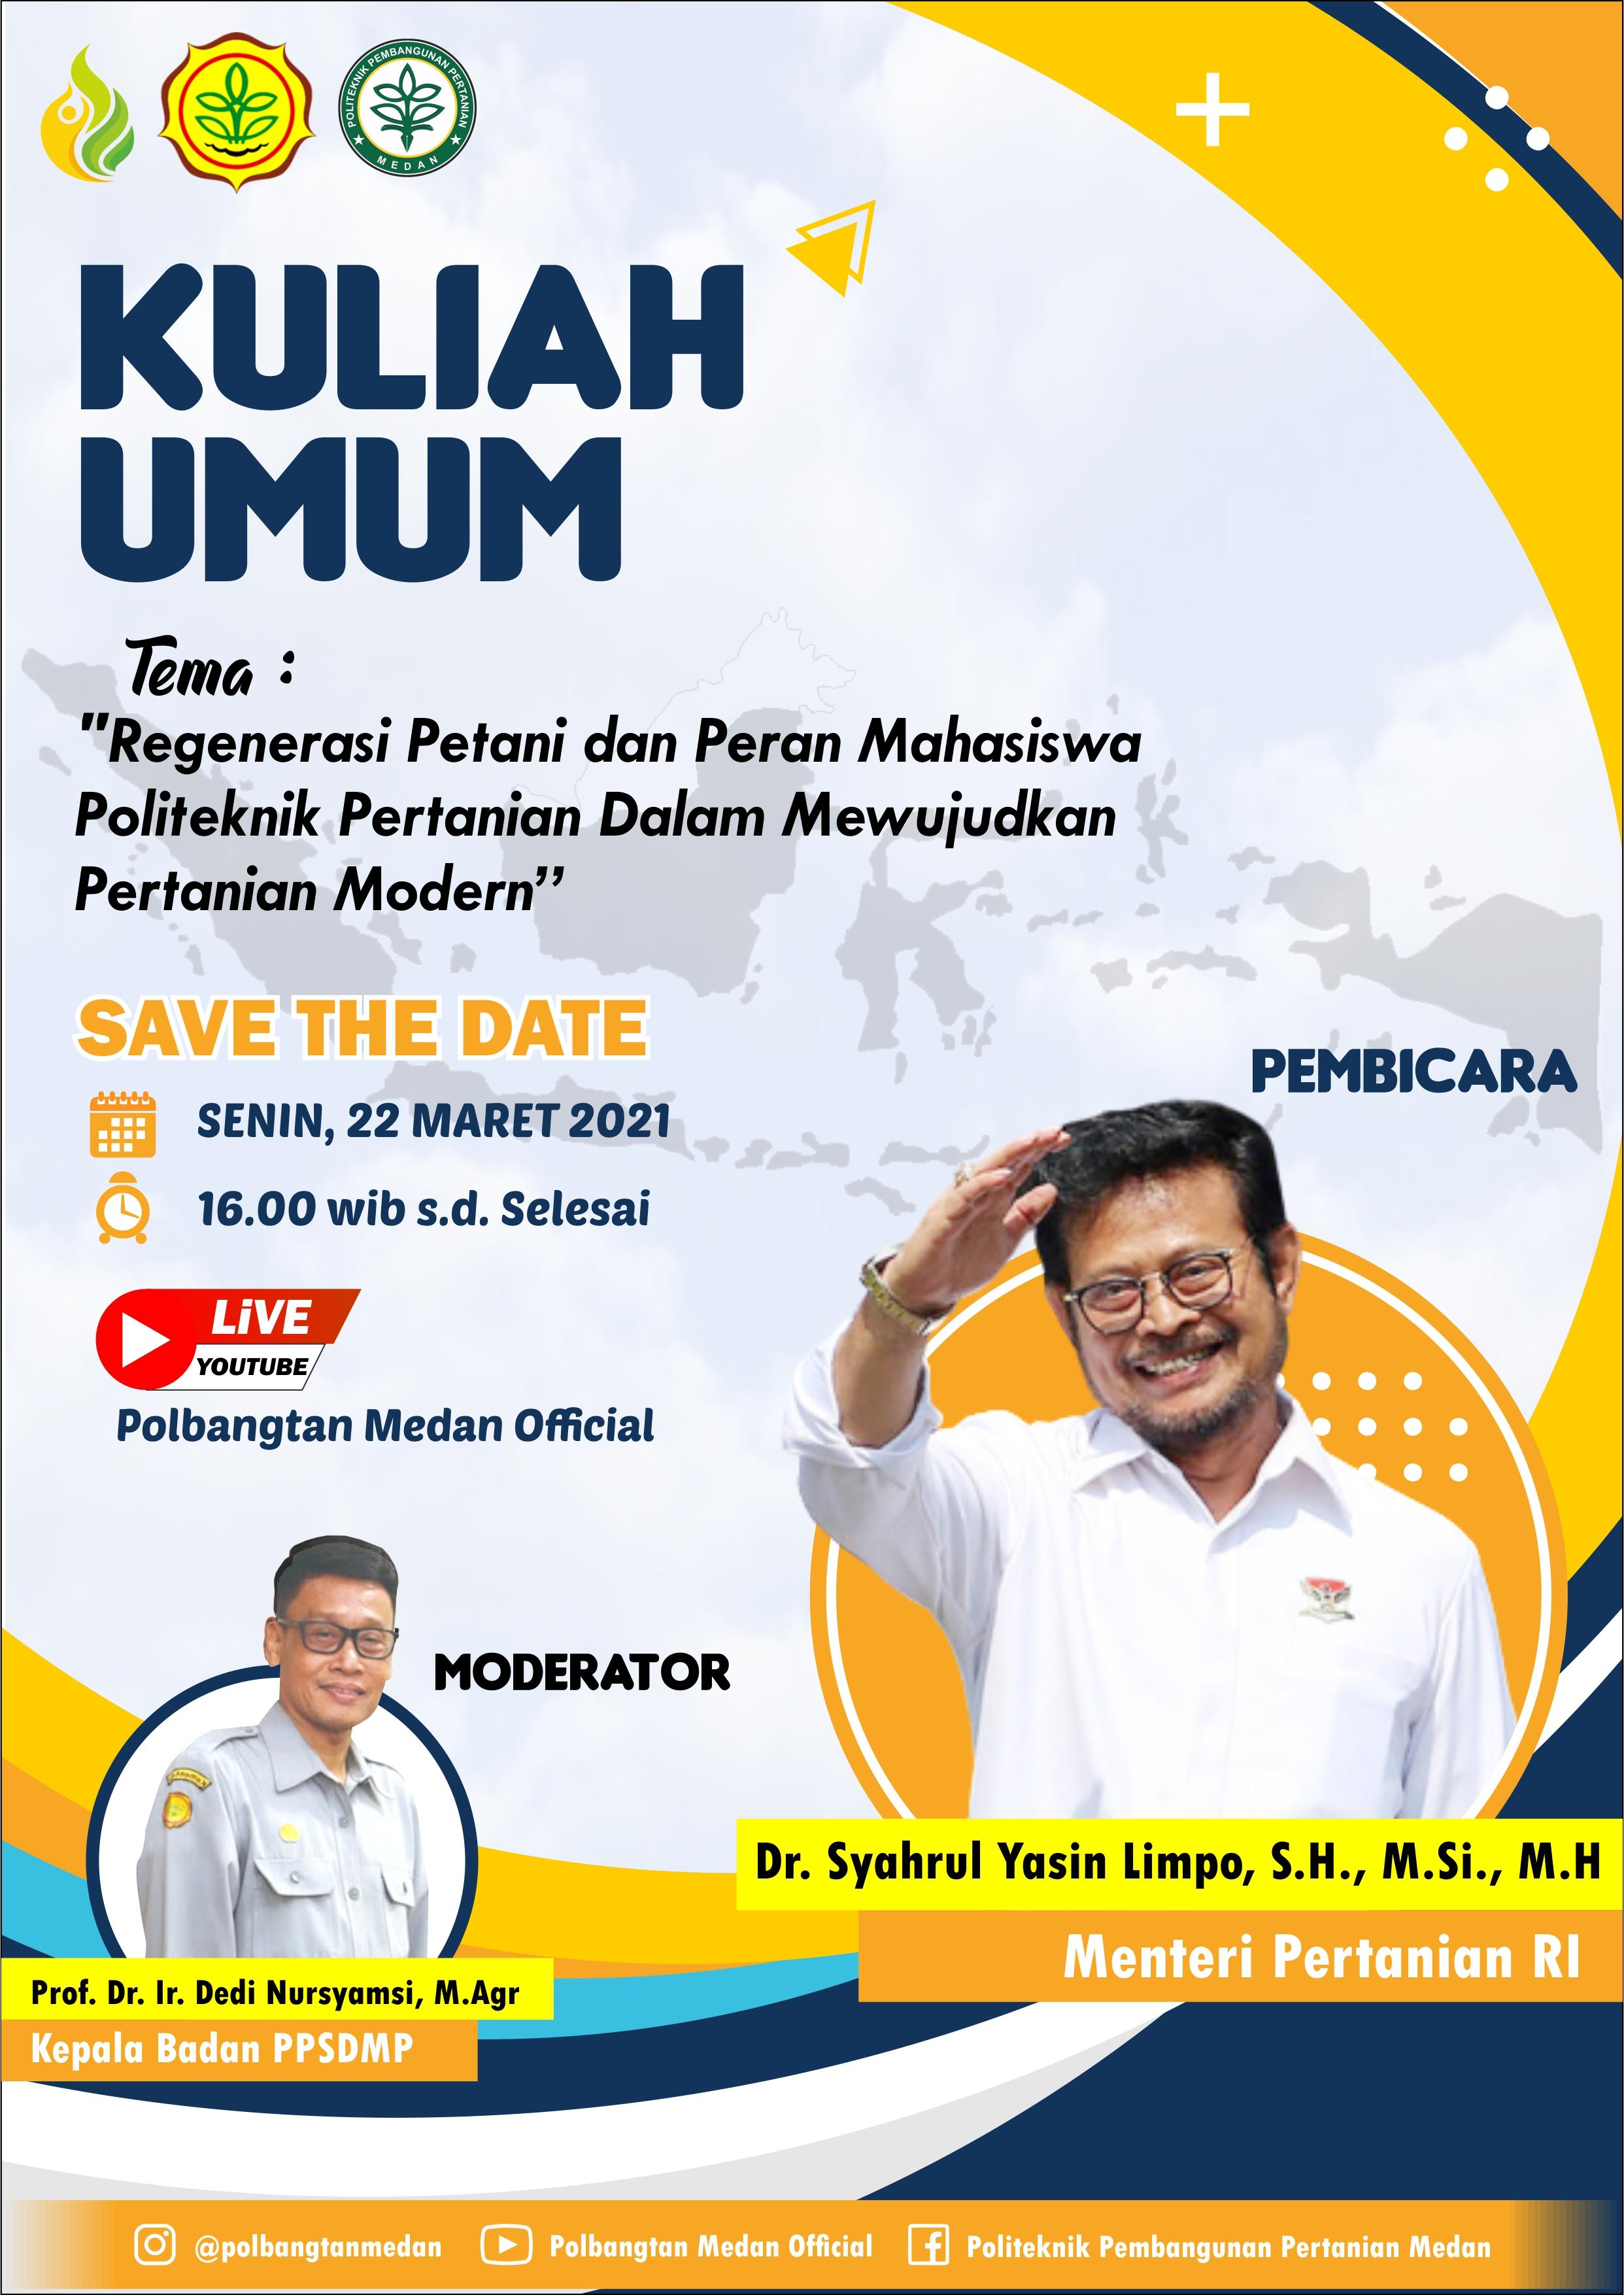 Kuliah Umum Menteri Pertanian RI Syahrul Yasin Limpo di Polbangtan Medan